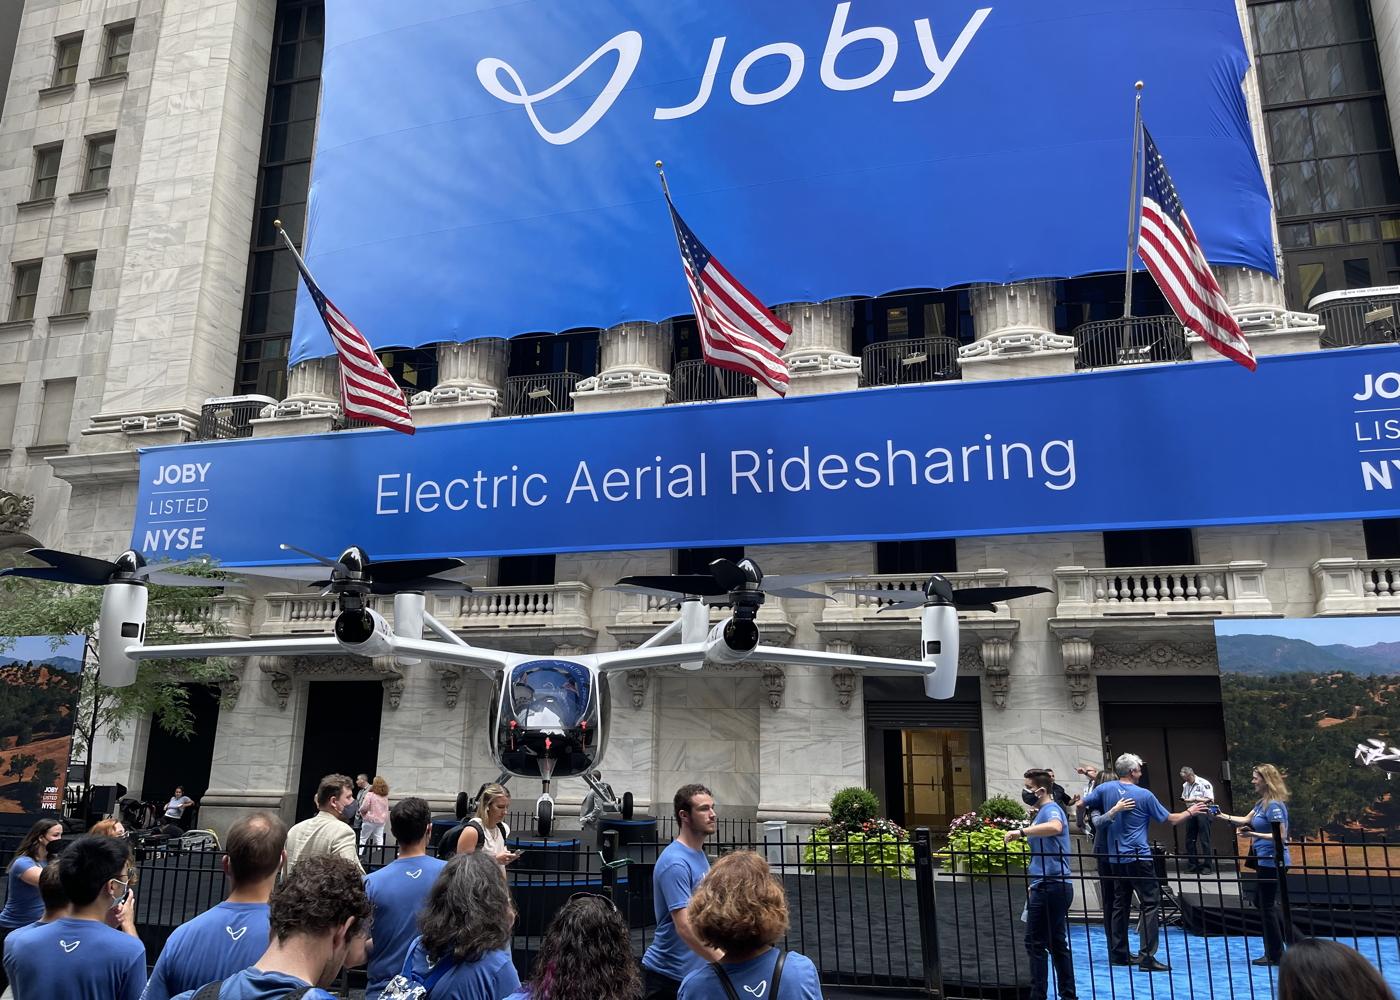 Ο Joby δείχνει το ηλεκτρικό του ταξί στη Νέα Υόρκη